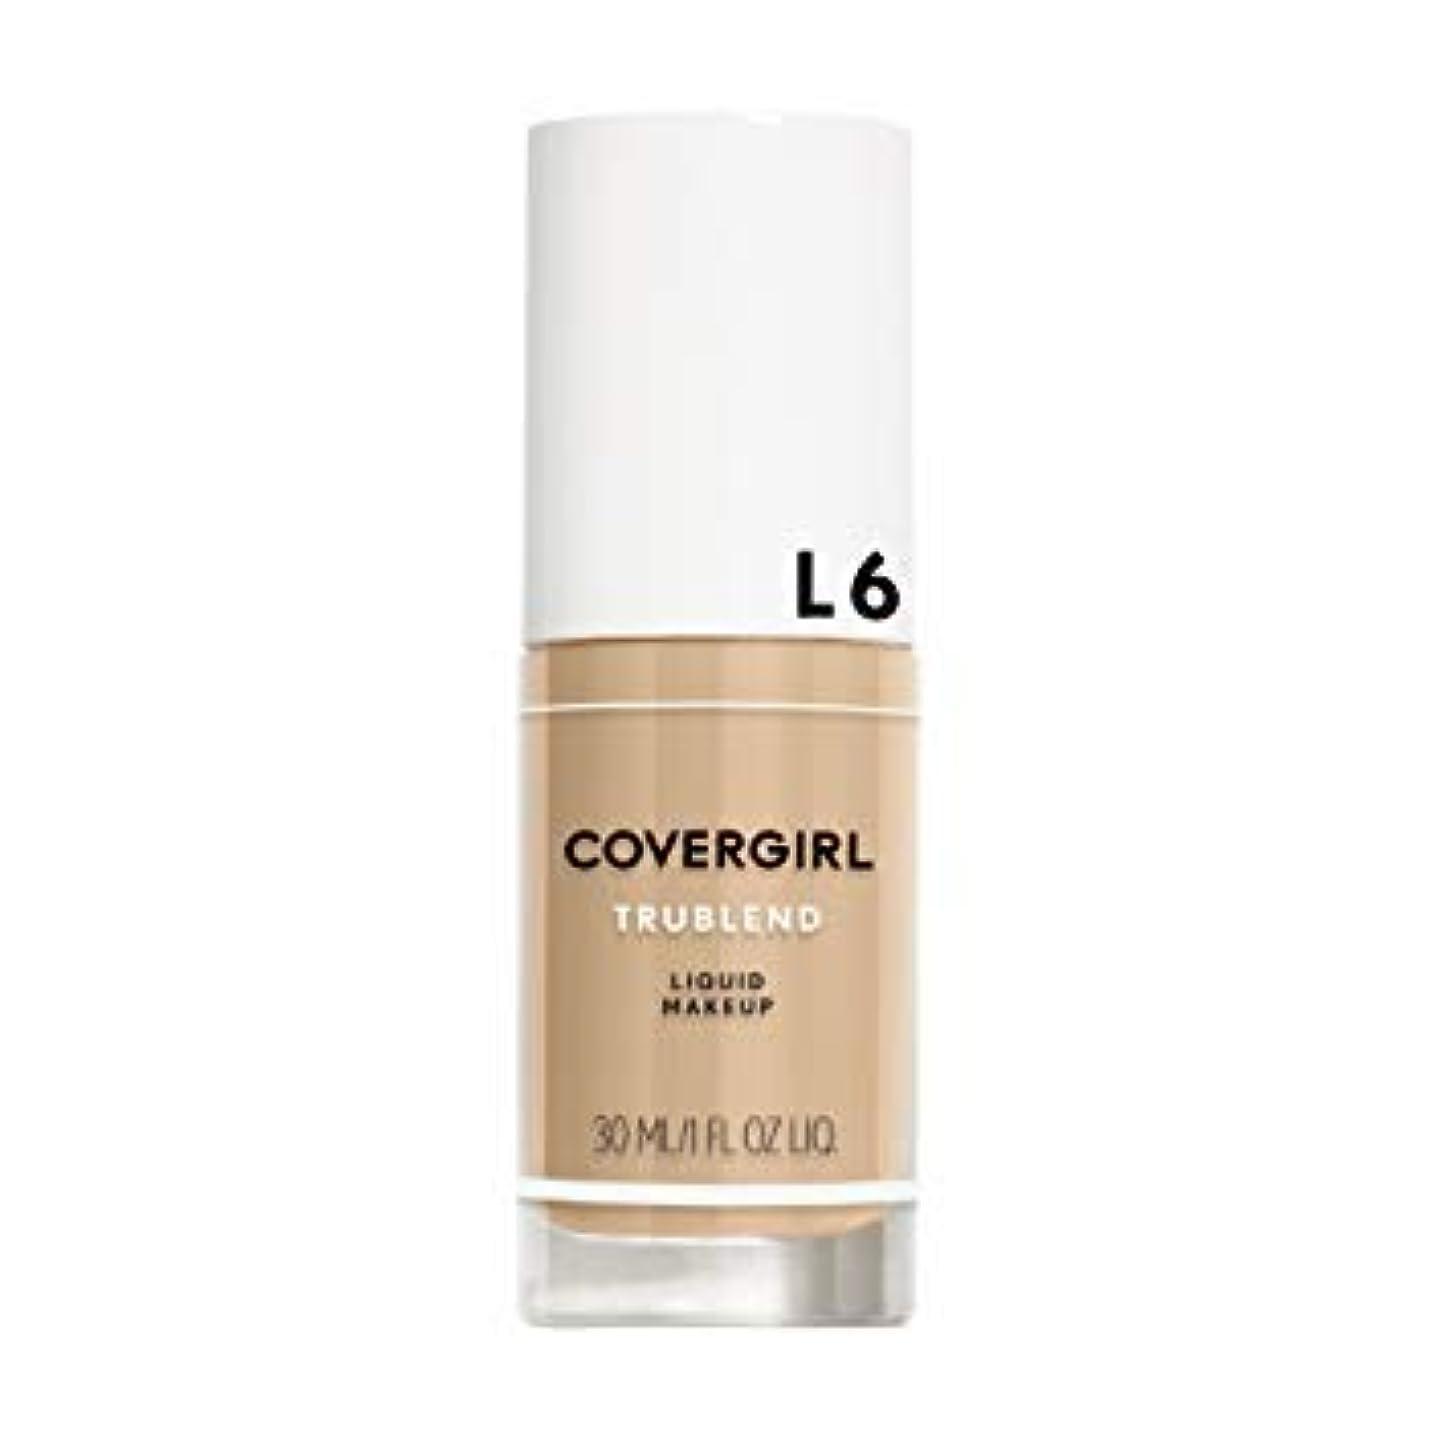 クライストチャーチピアース借りている(3 Pack) COVERGIRL TruBlend Liquid Makeup - Buff Beige L6 (並行輸入品)